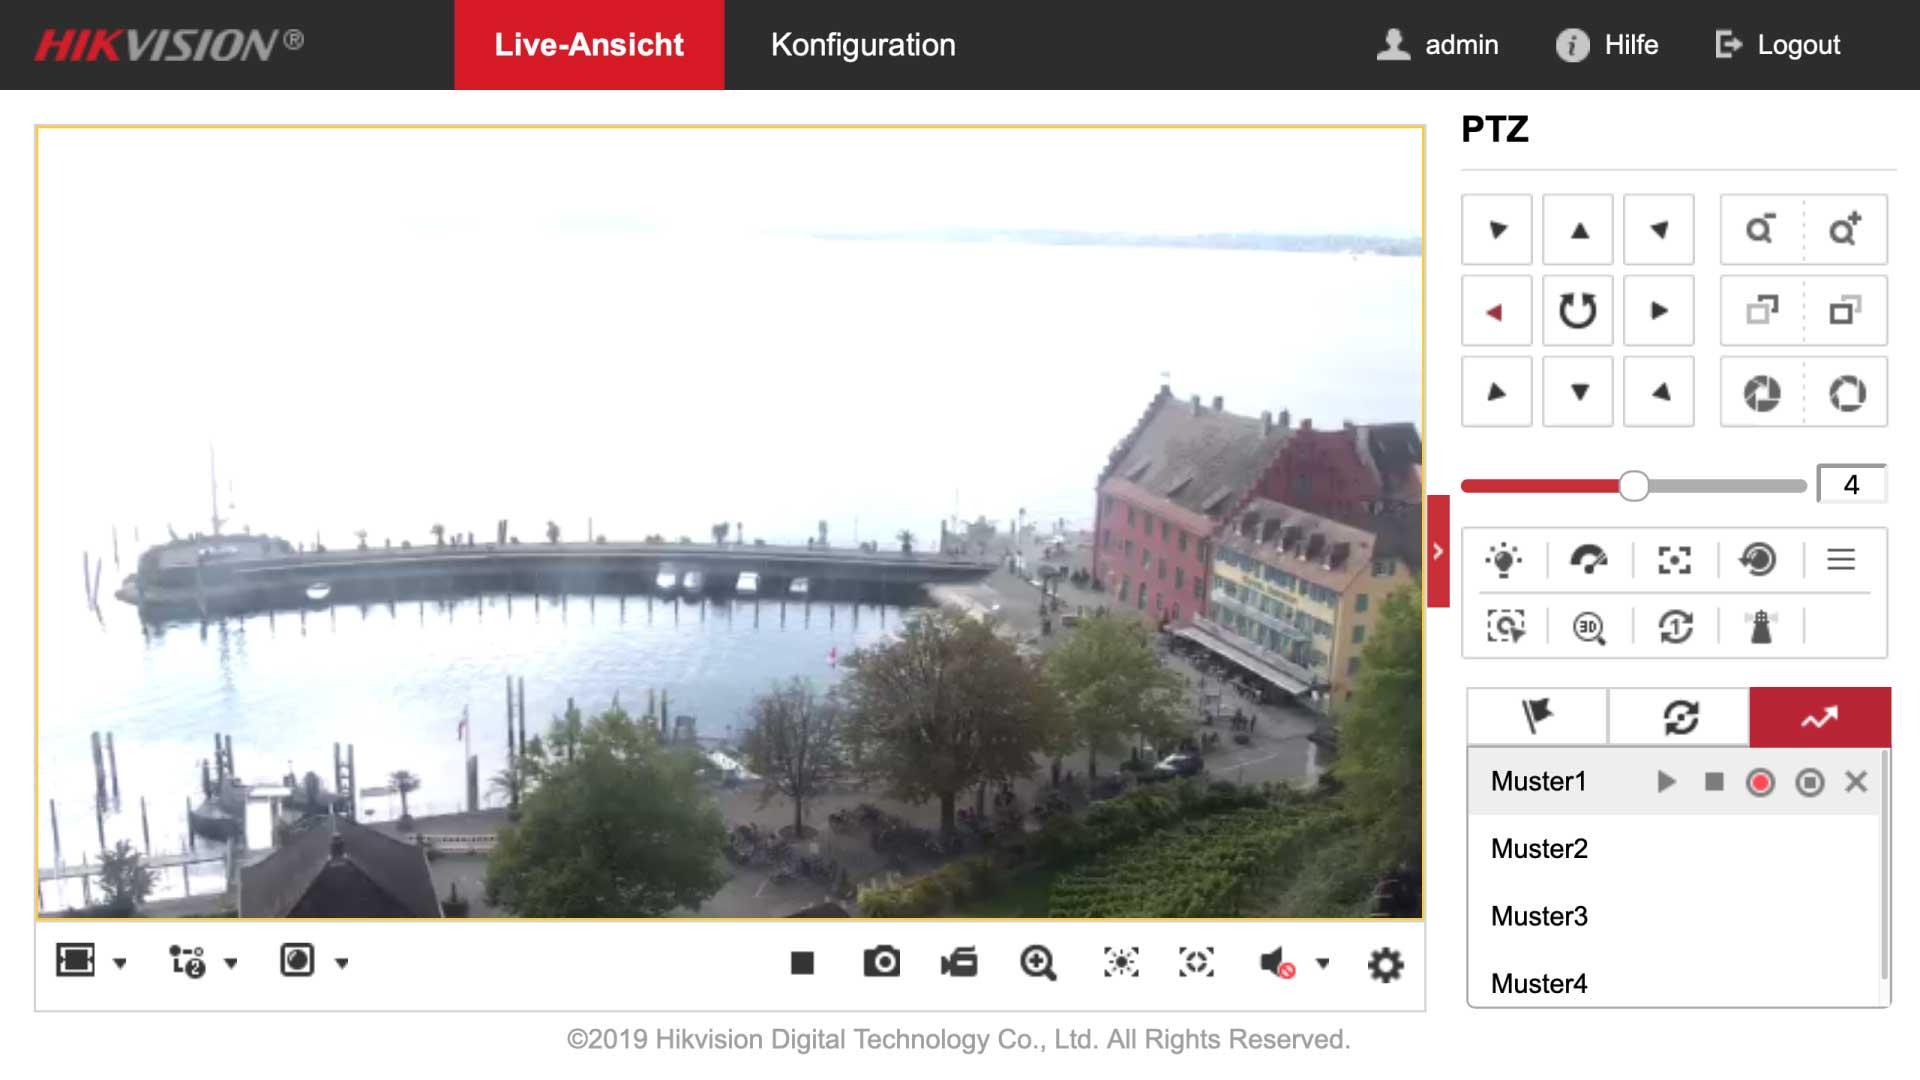 Browseroberfläche zur Steuerung einer Hikvision 4K PTZ-Cam.